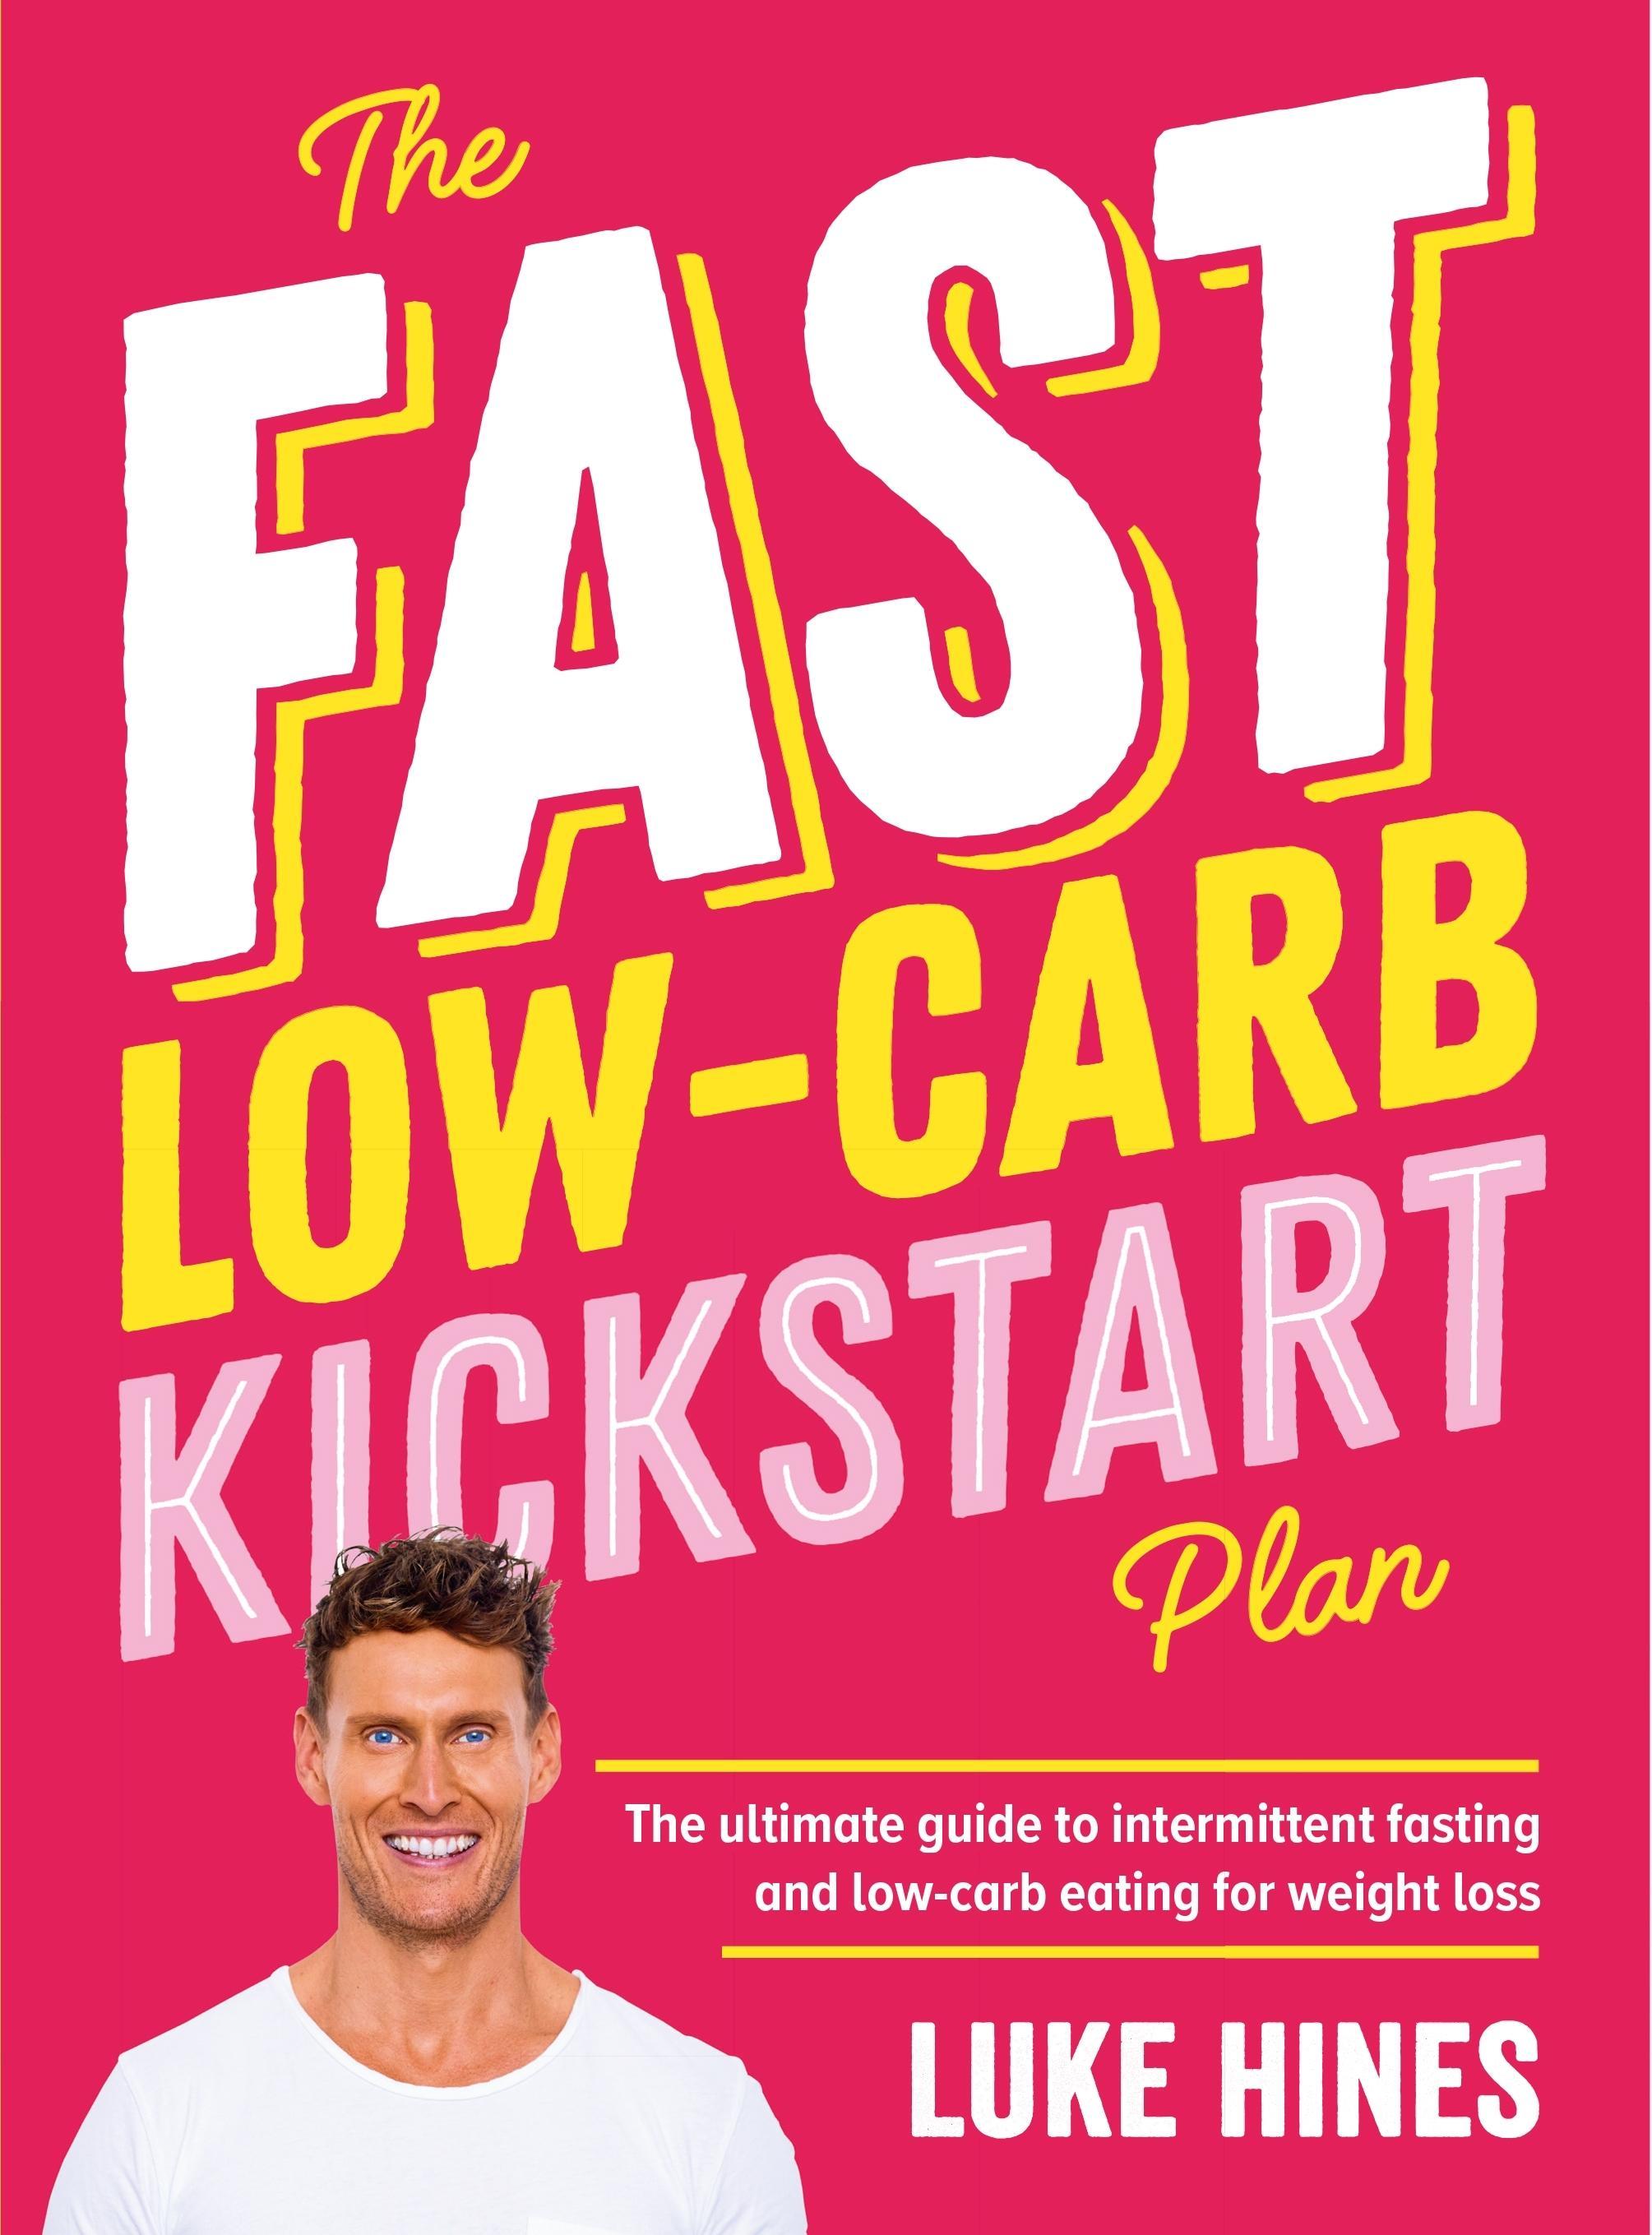 The Fast Low-CarbKickstartPlan